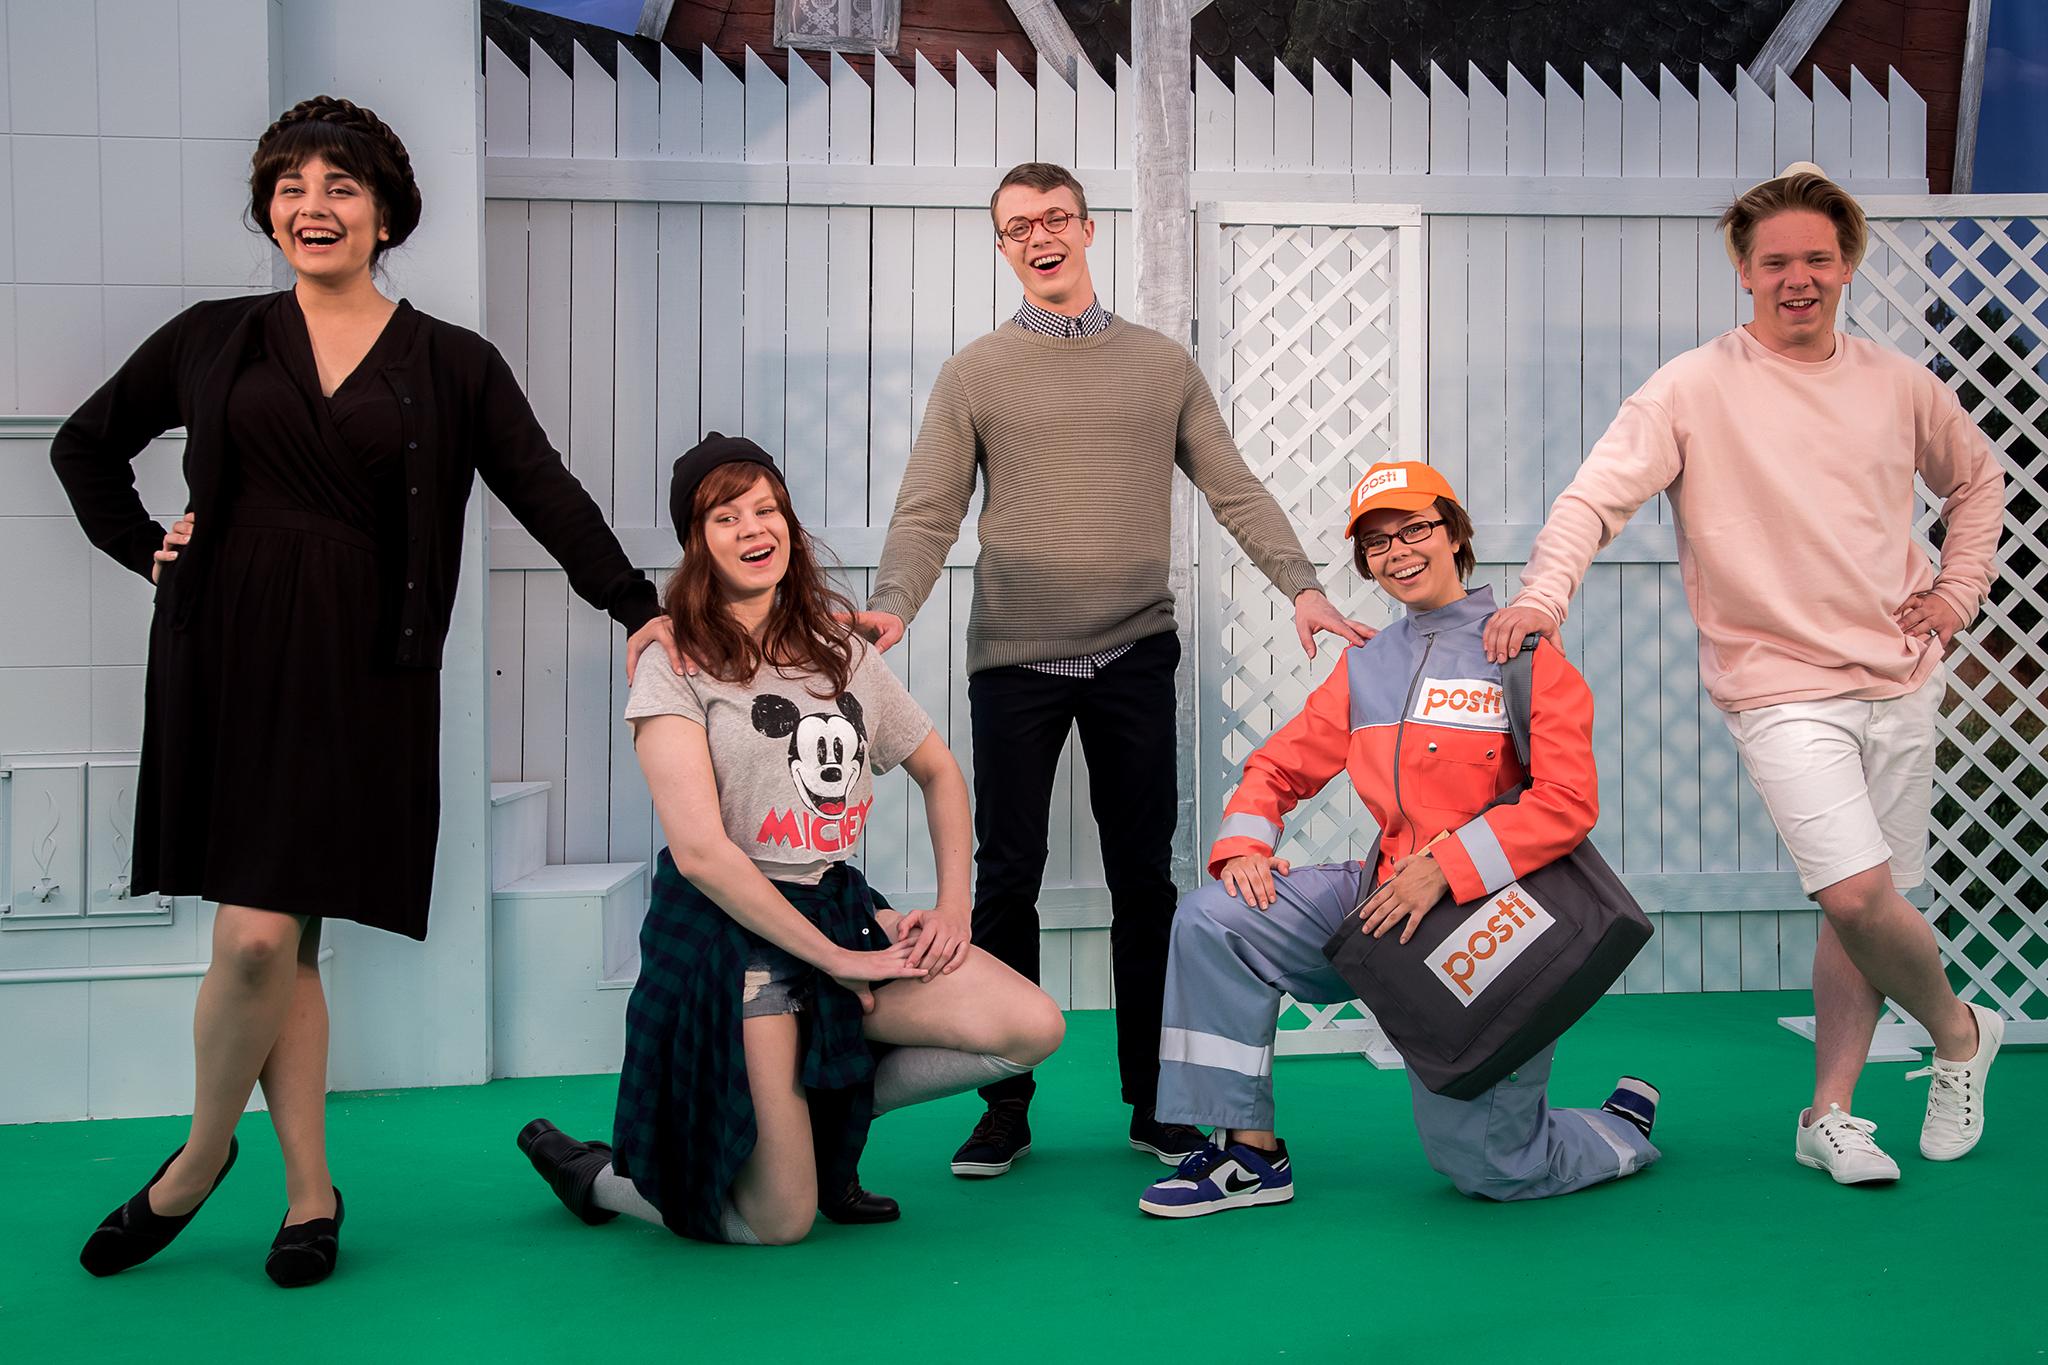 Rouva Hellström-Teppo (Esme Kaislakari), Julia (Inke Koskinen), Patrik (Arttu Soilumo), Posteljooni Lumme (Ronja Keiramo) ja Ville (Joonatan Perälä)